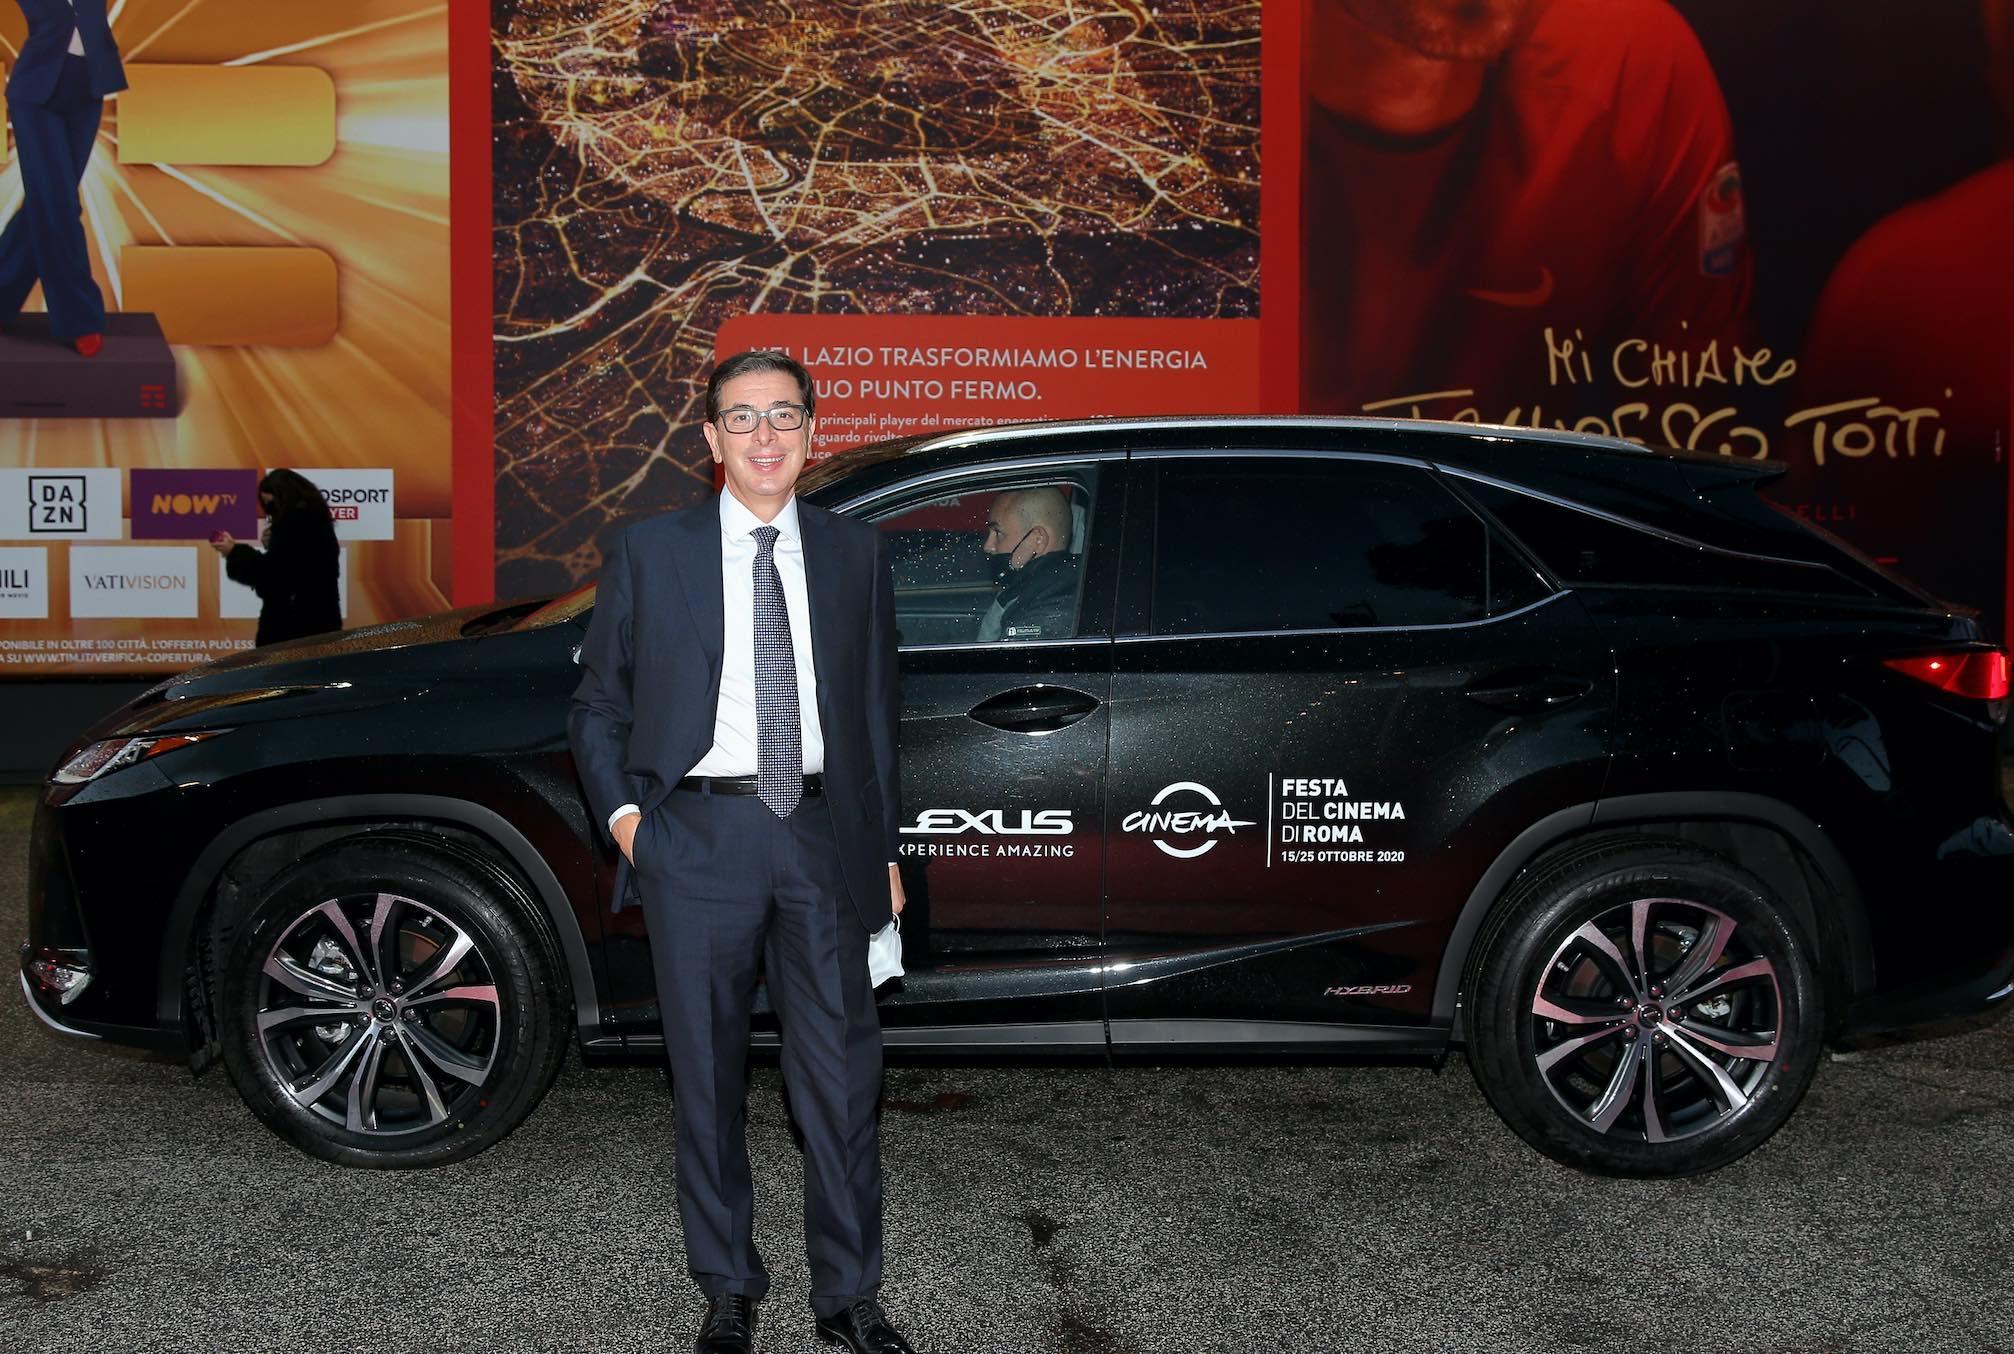 Il Cinema viaggia con Lexus